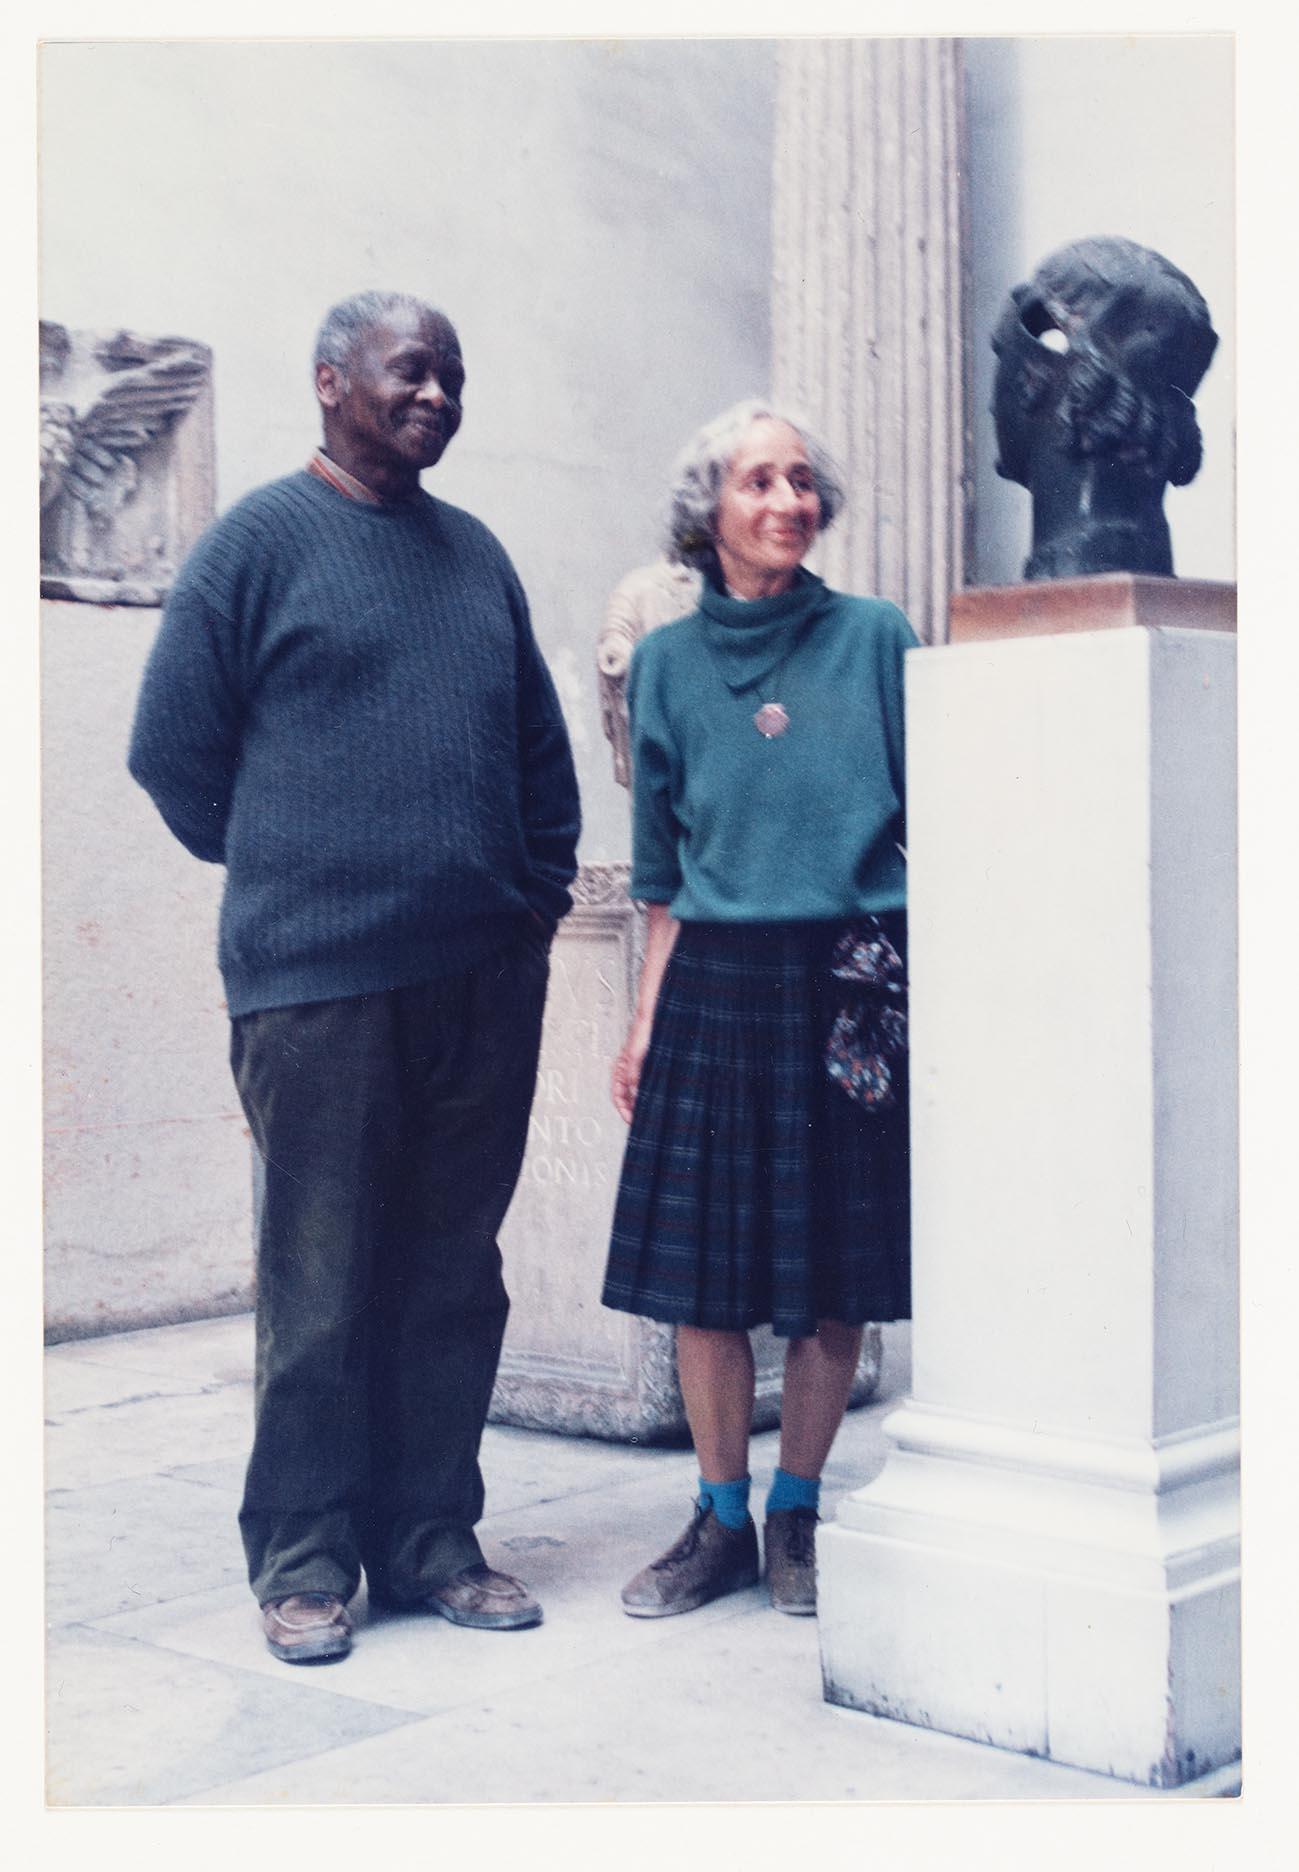 Porträtt av Ernest Mancoba och Sonja Ferlov